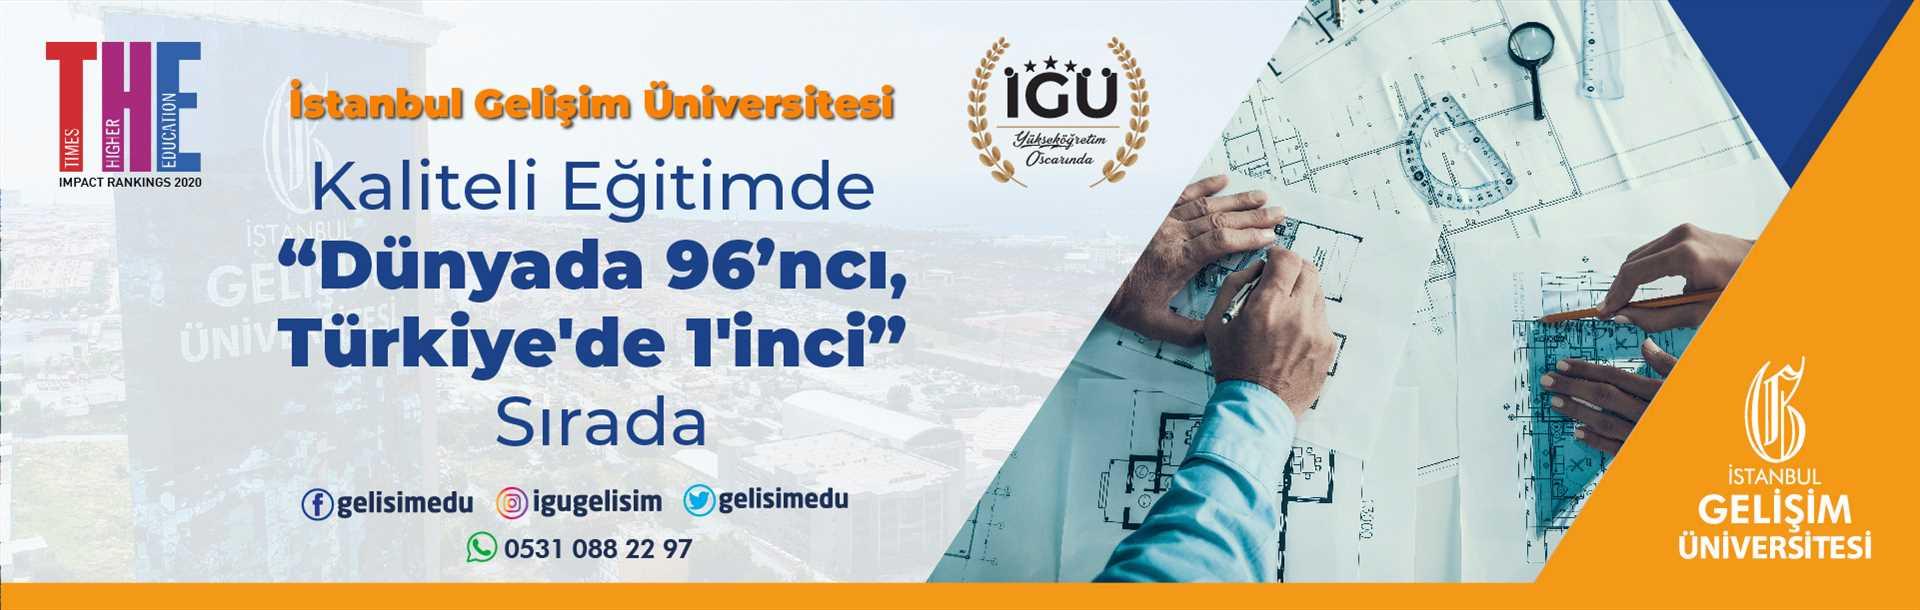 The Başarısı - MMF - İstanbul Gelişim Üniversitesi